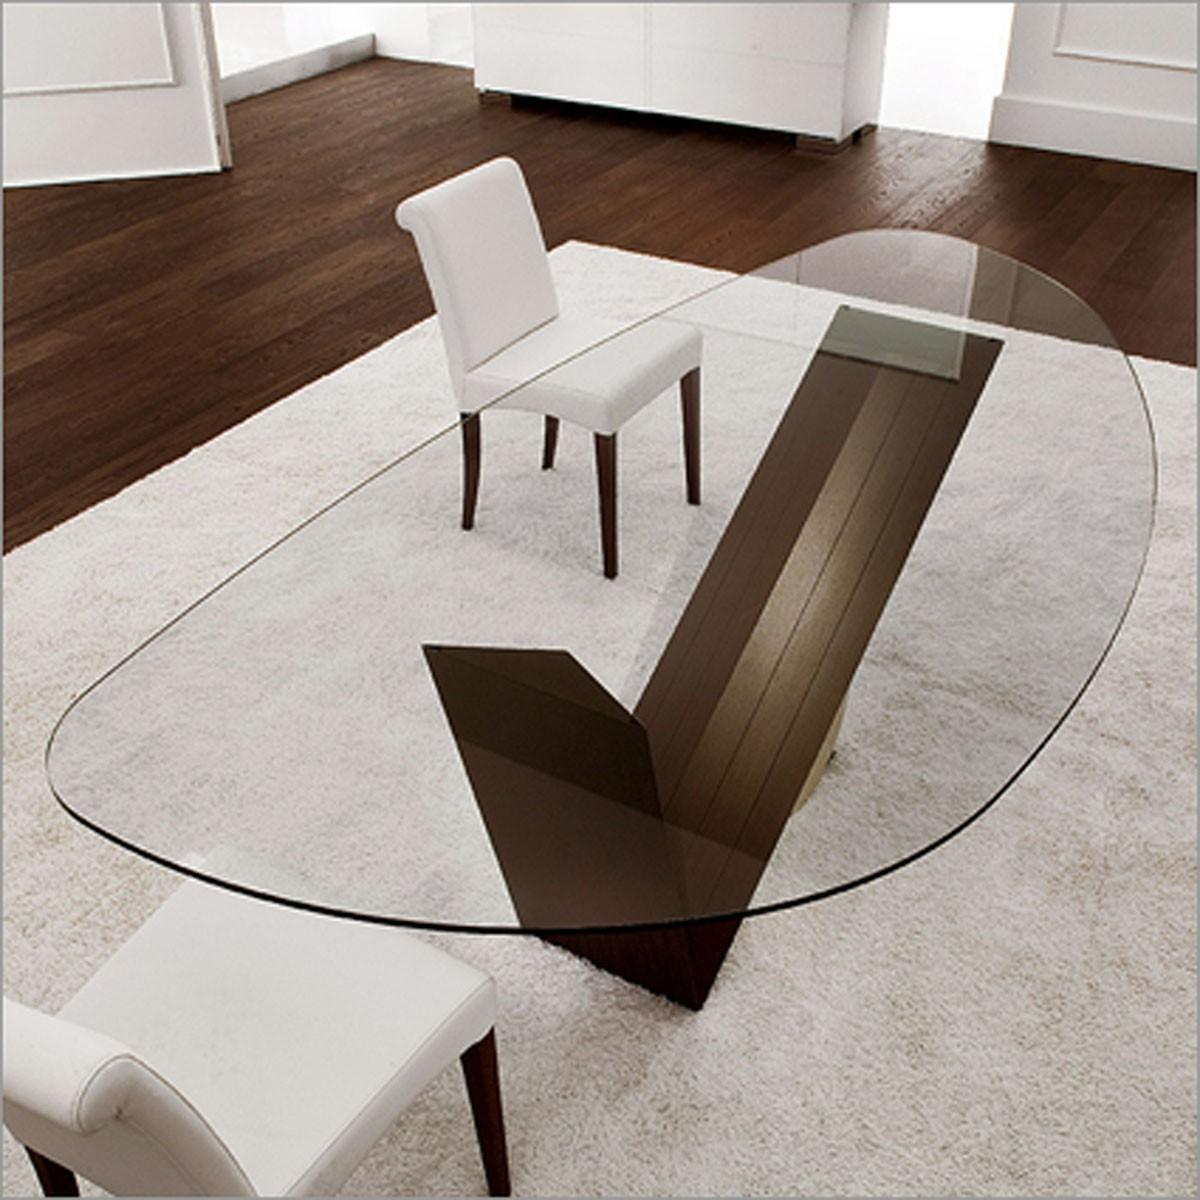 Oval Glass Top Dining Table Decor IdeasDecor Ideas